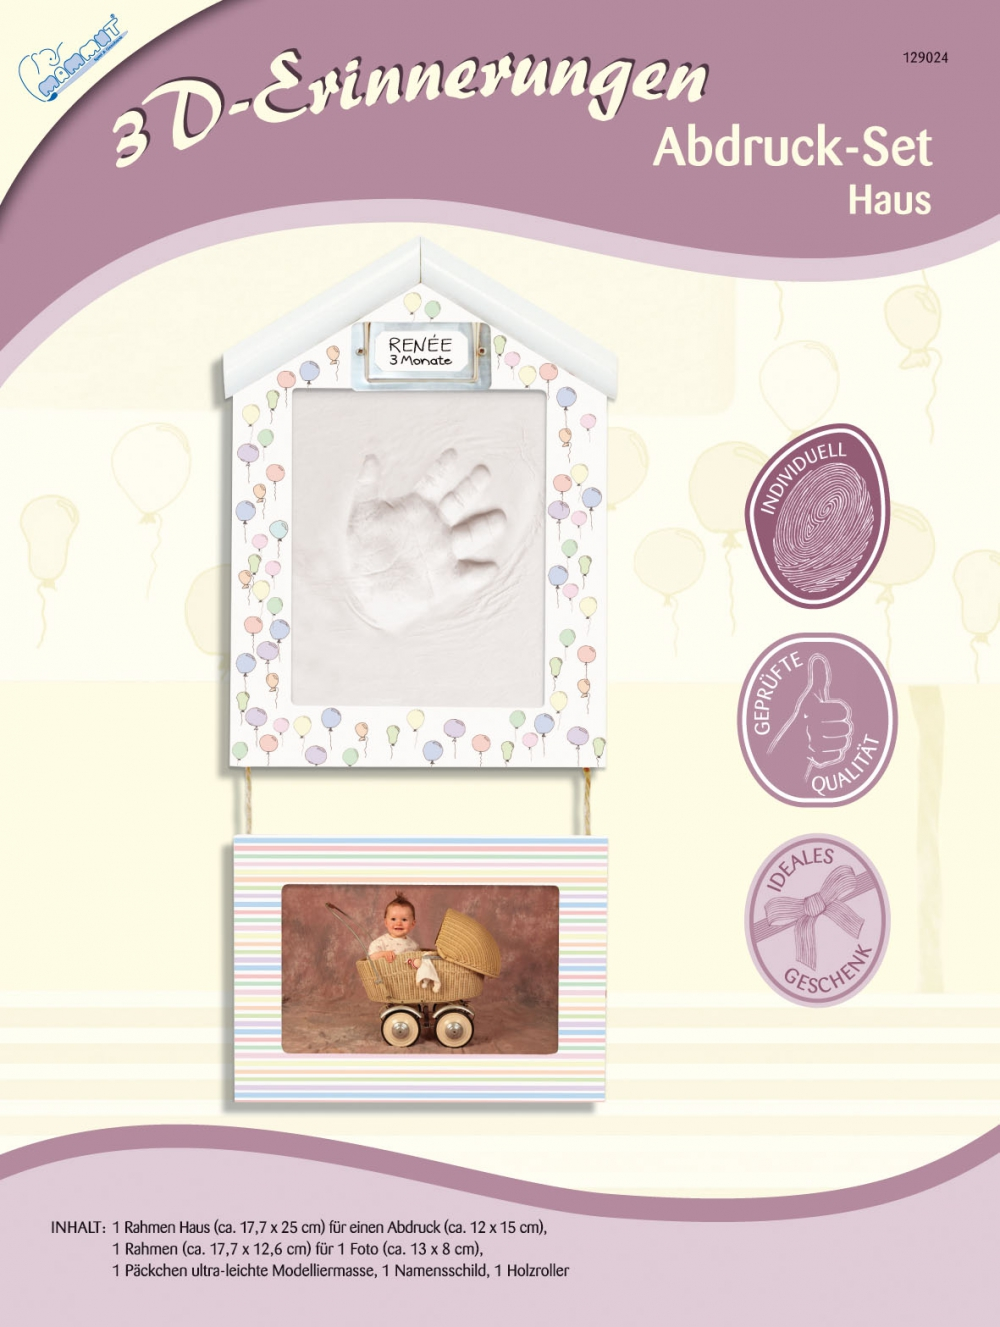 3D Erinnerungen - Abdruck-Set Haus SK-Spielwaren